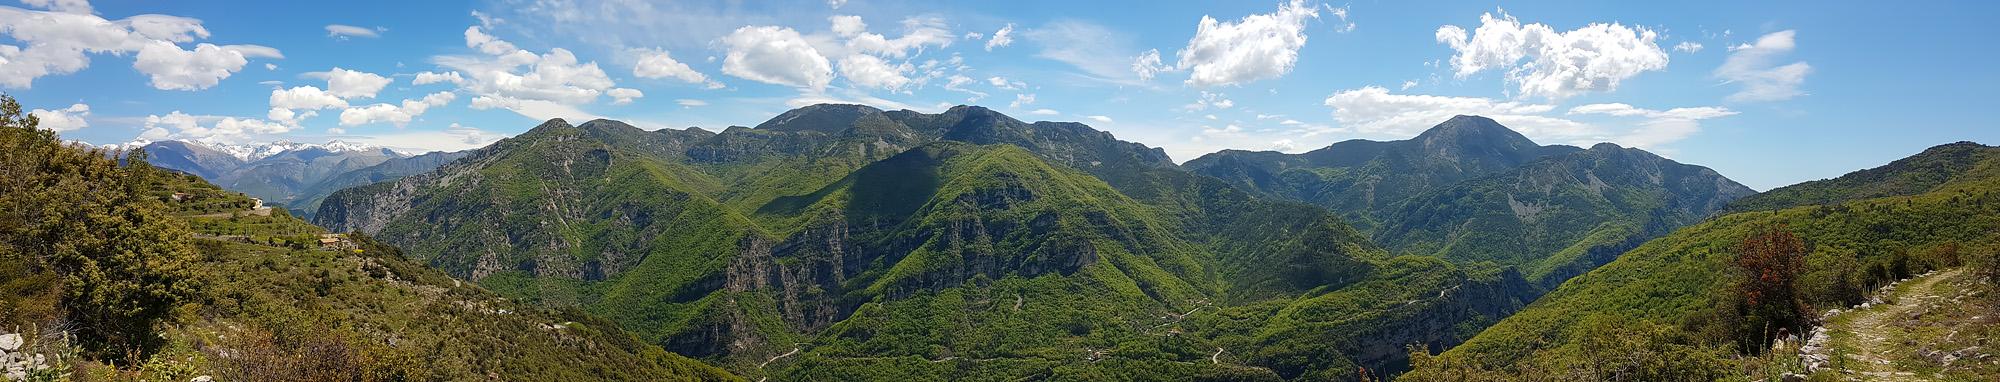 Randonnée gorges de la Vésubie panoramique